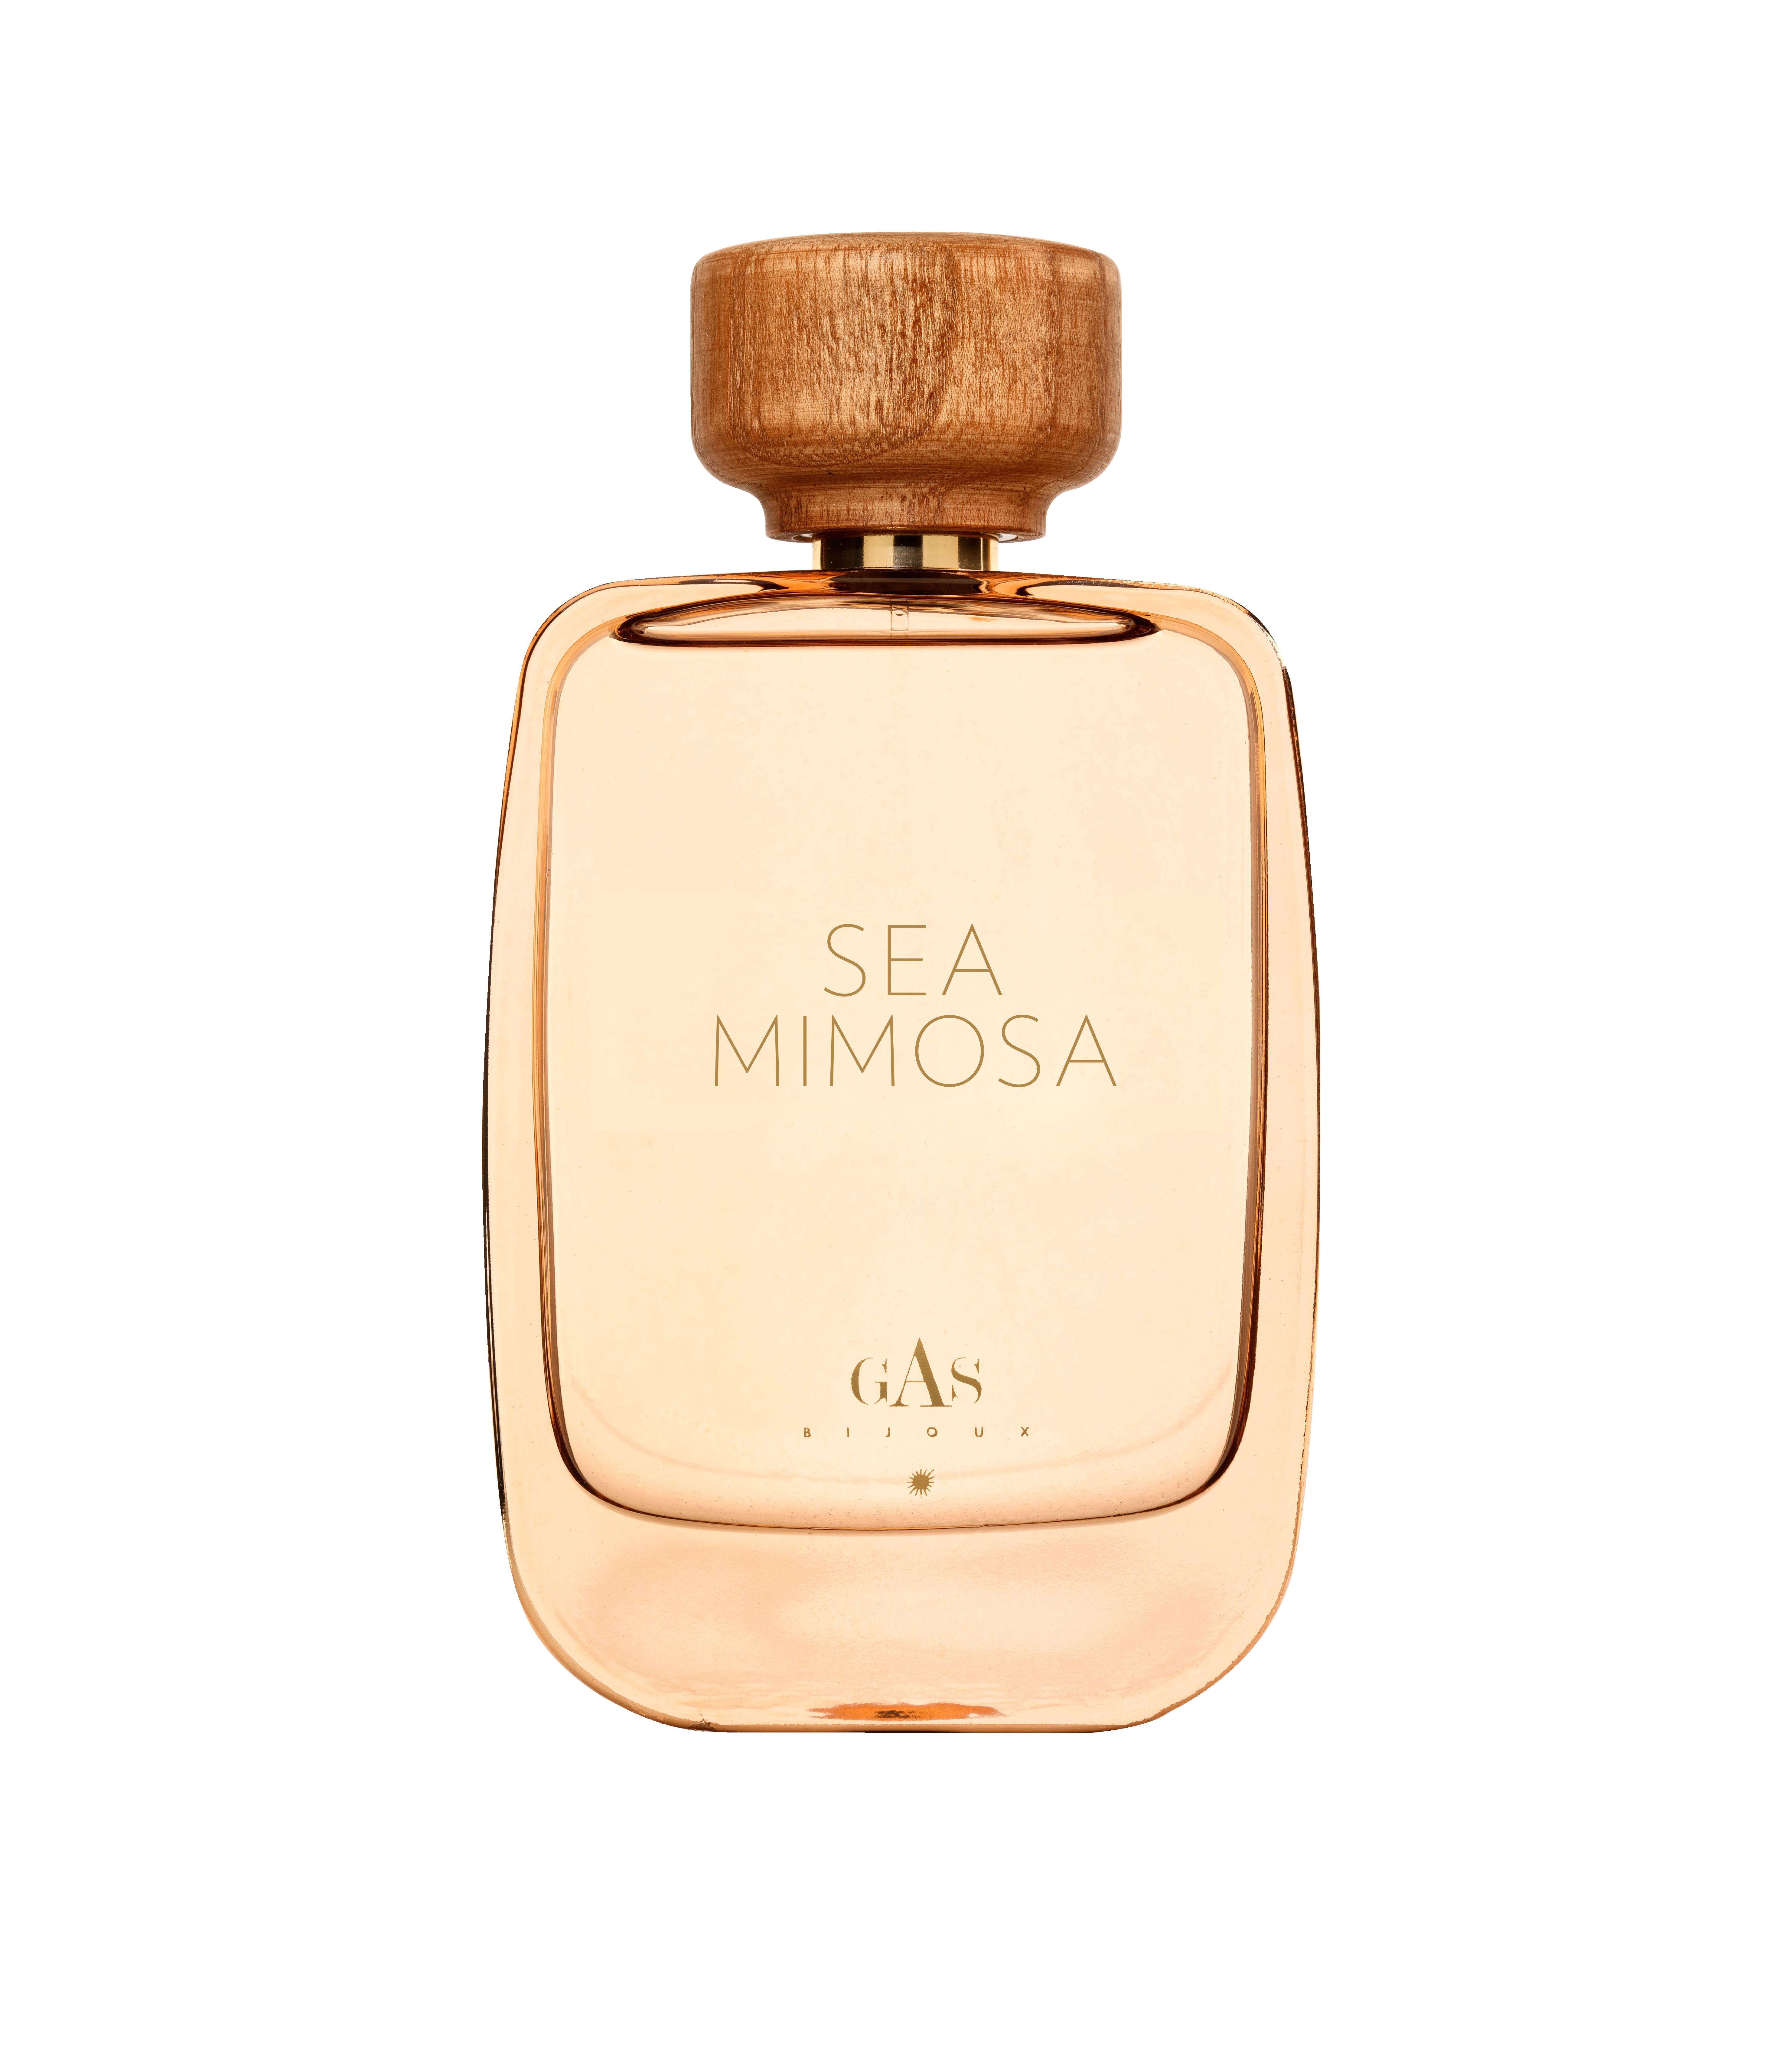 Gas Bijoux Sea Mimosa Eau de Parfum Spray 100ml